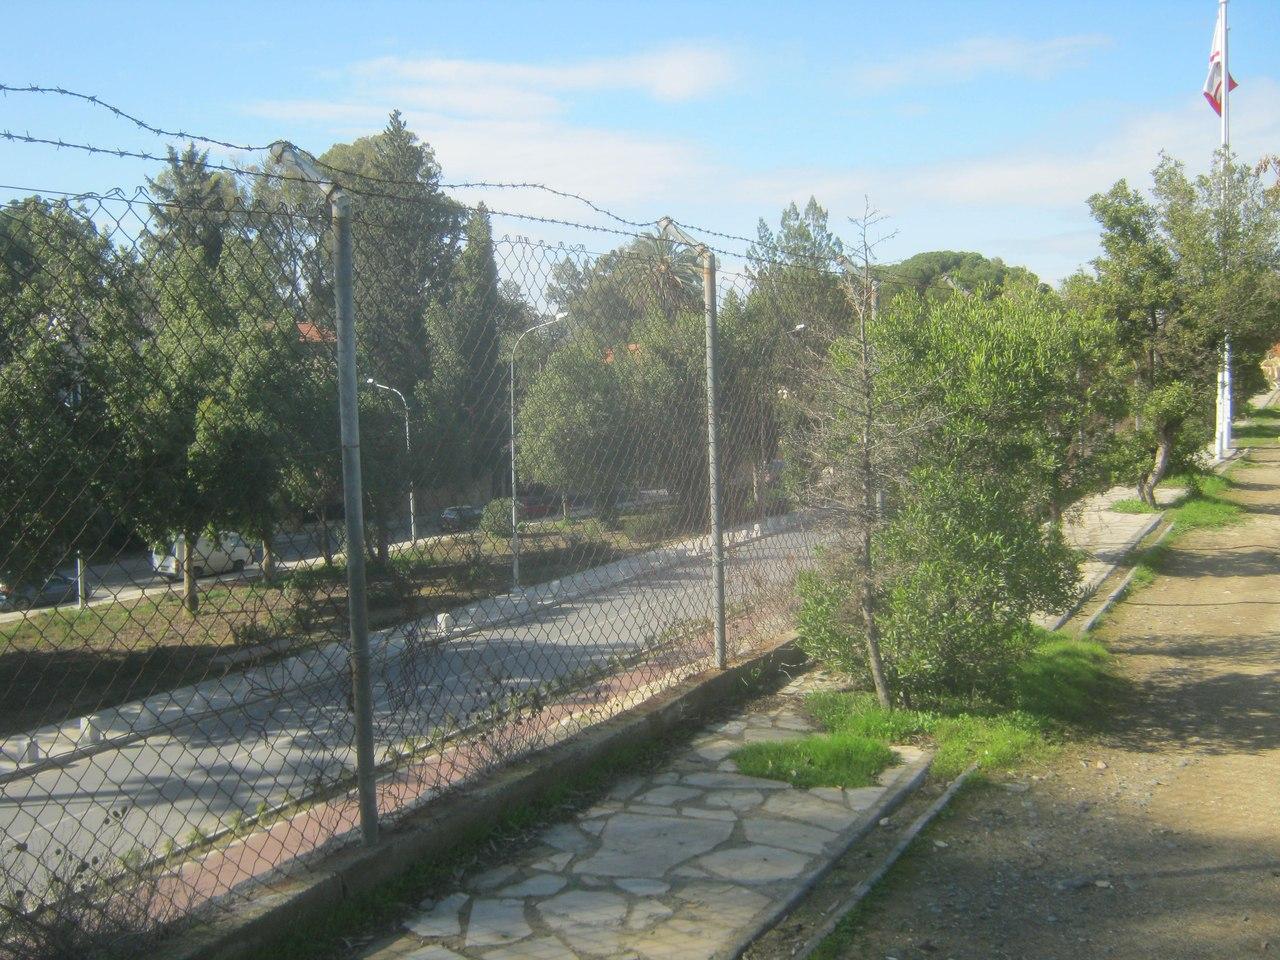 граница между северным и южным Кипрами прозрачна